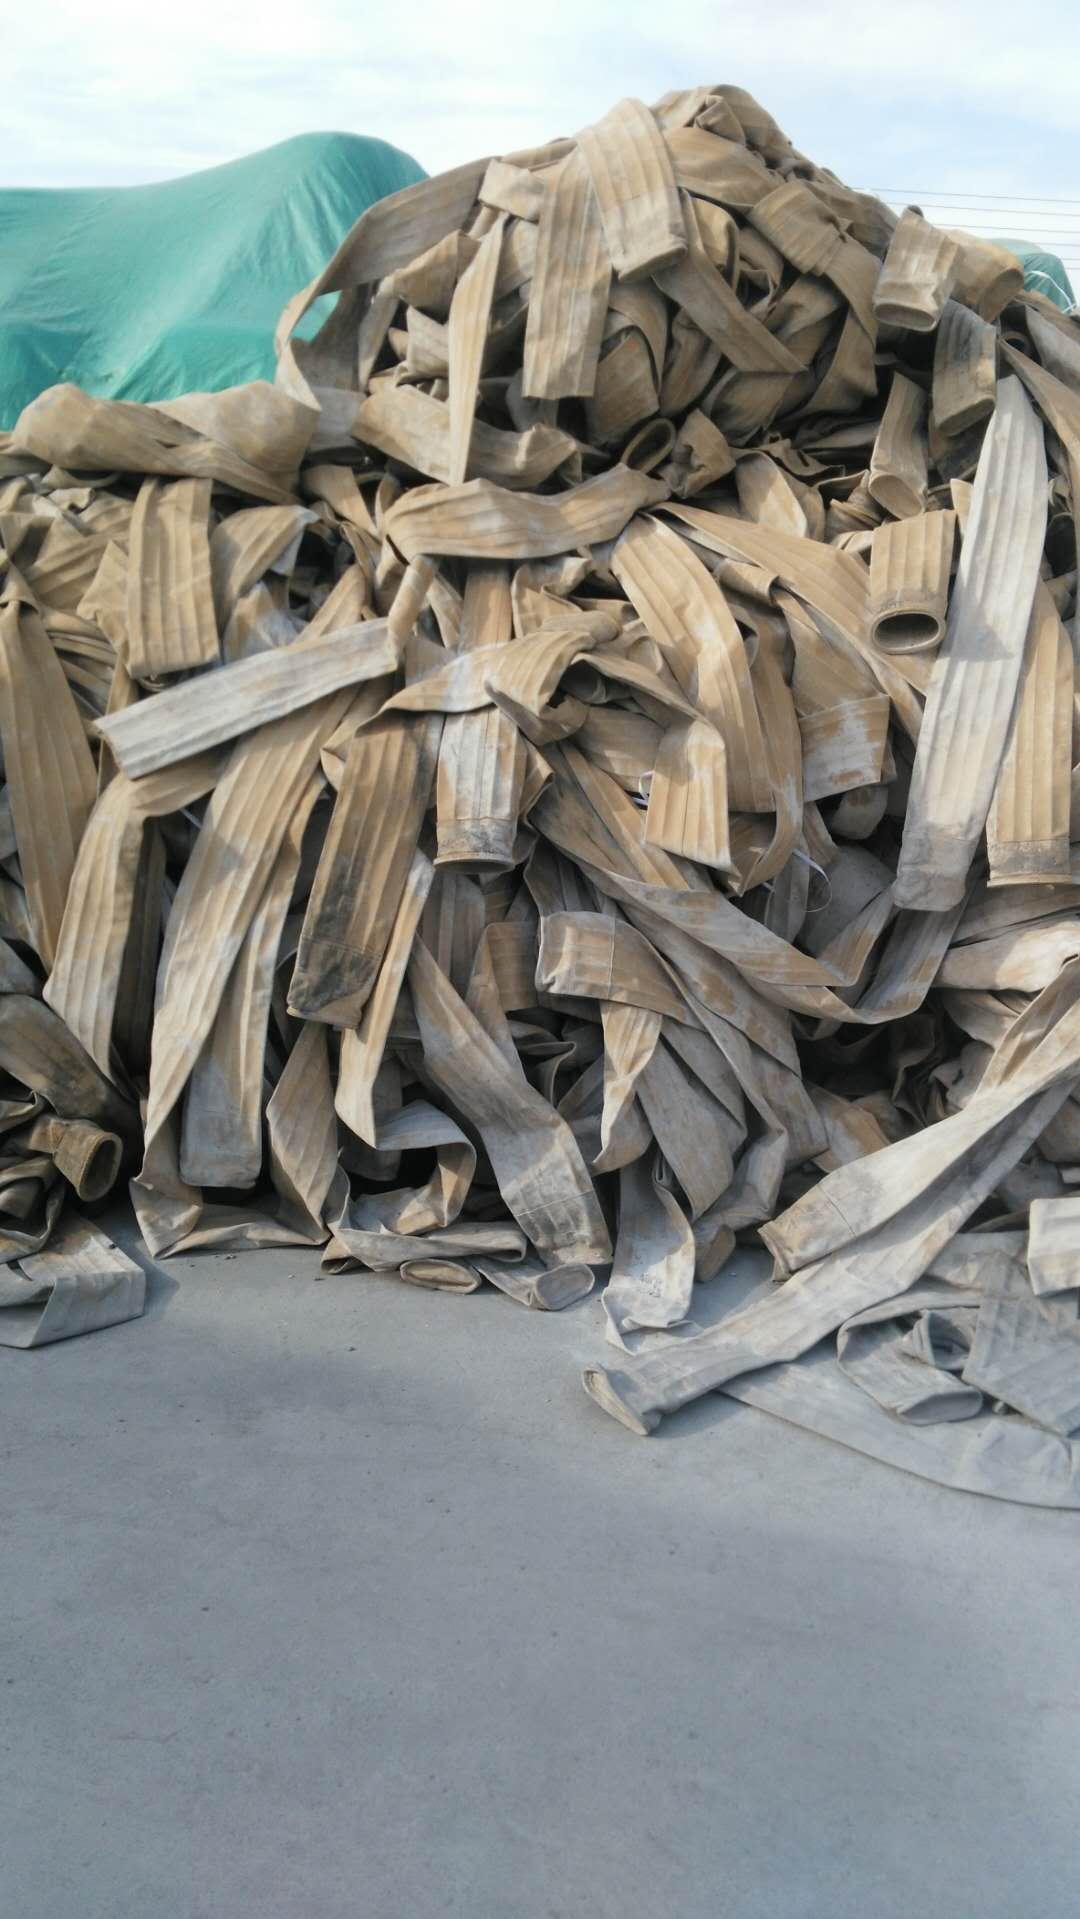 苏州回收废旧除尘布袋价格-回收废旧除尘布袋动态